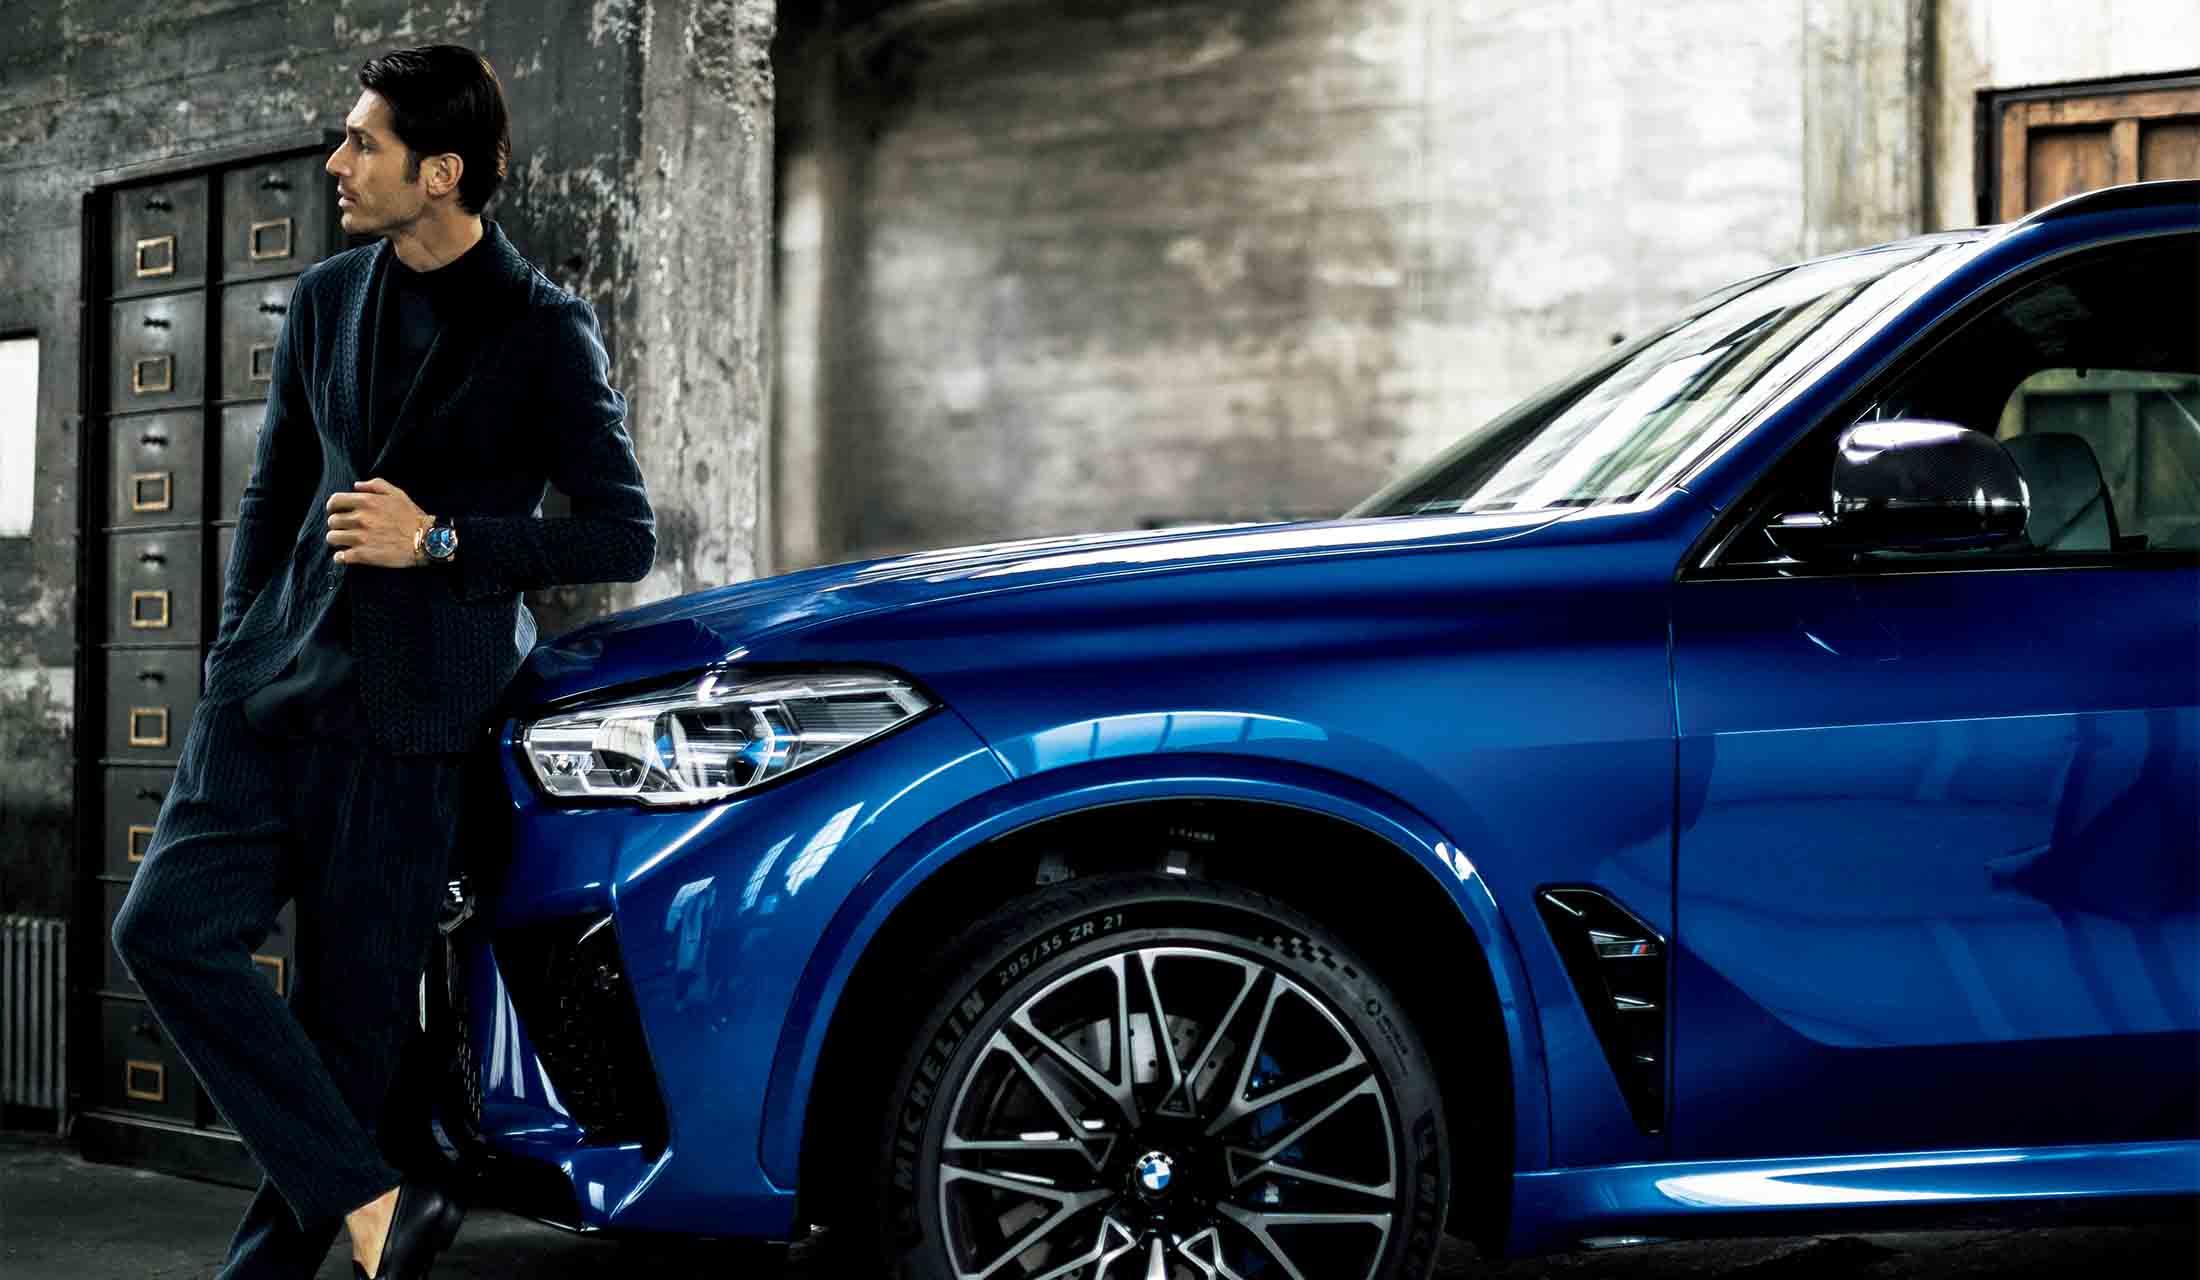 BMWとIWC